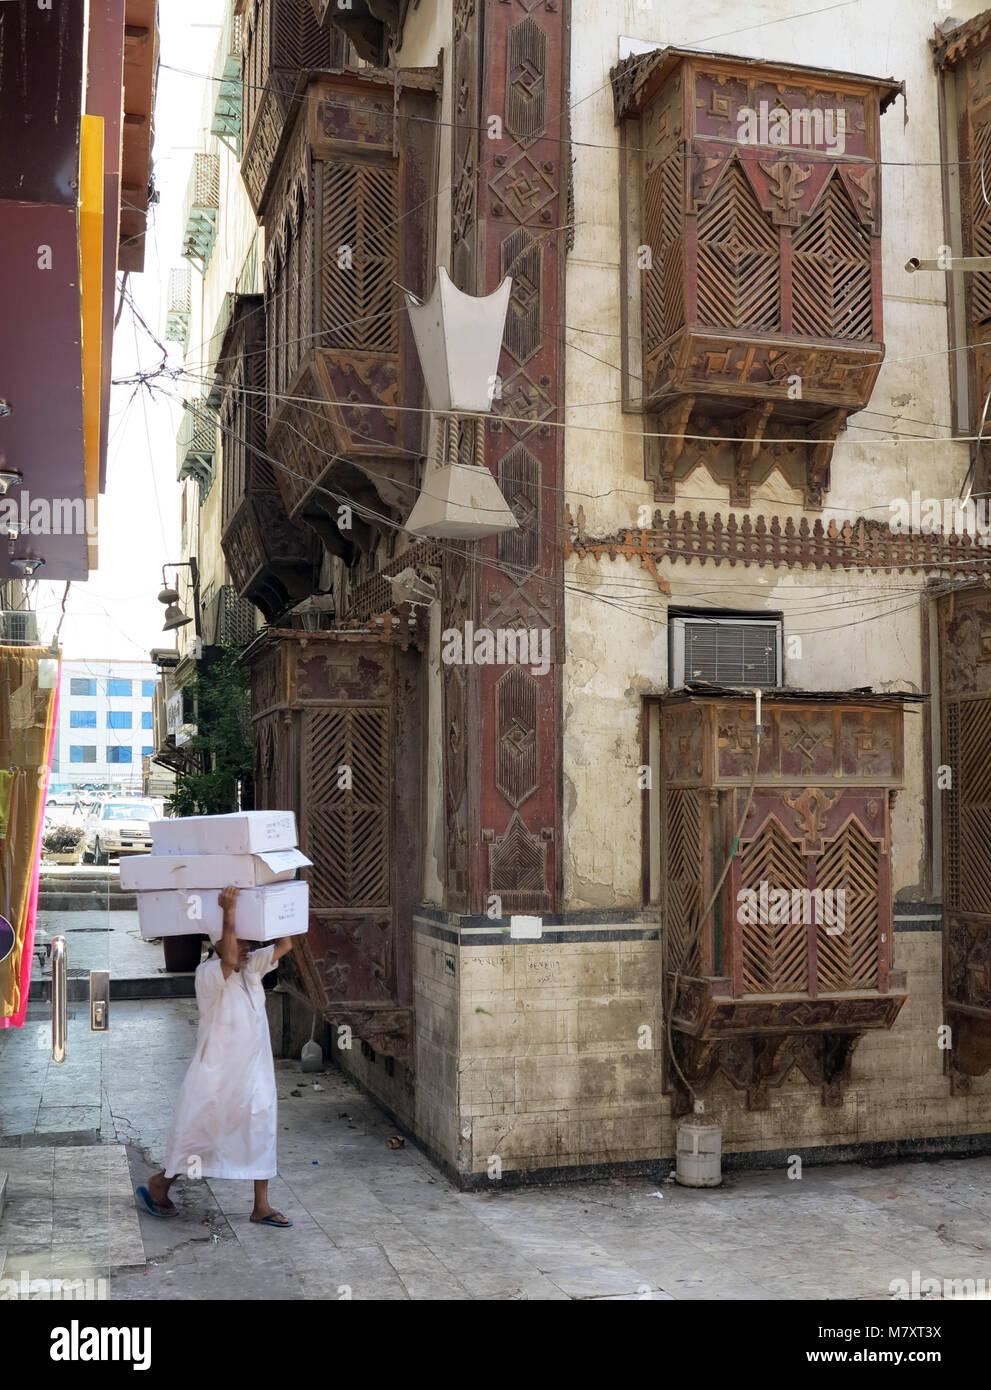 Außergewöhnlich Erkerfenster Foto Von Das Leben Auf Der Straße, Architektur Und